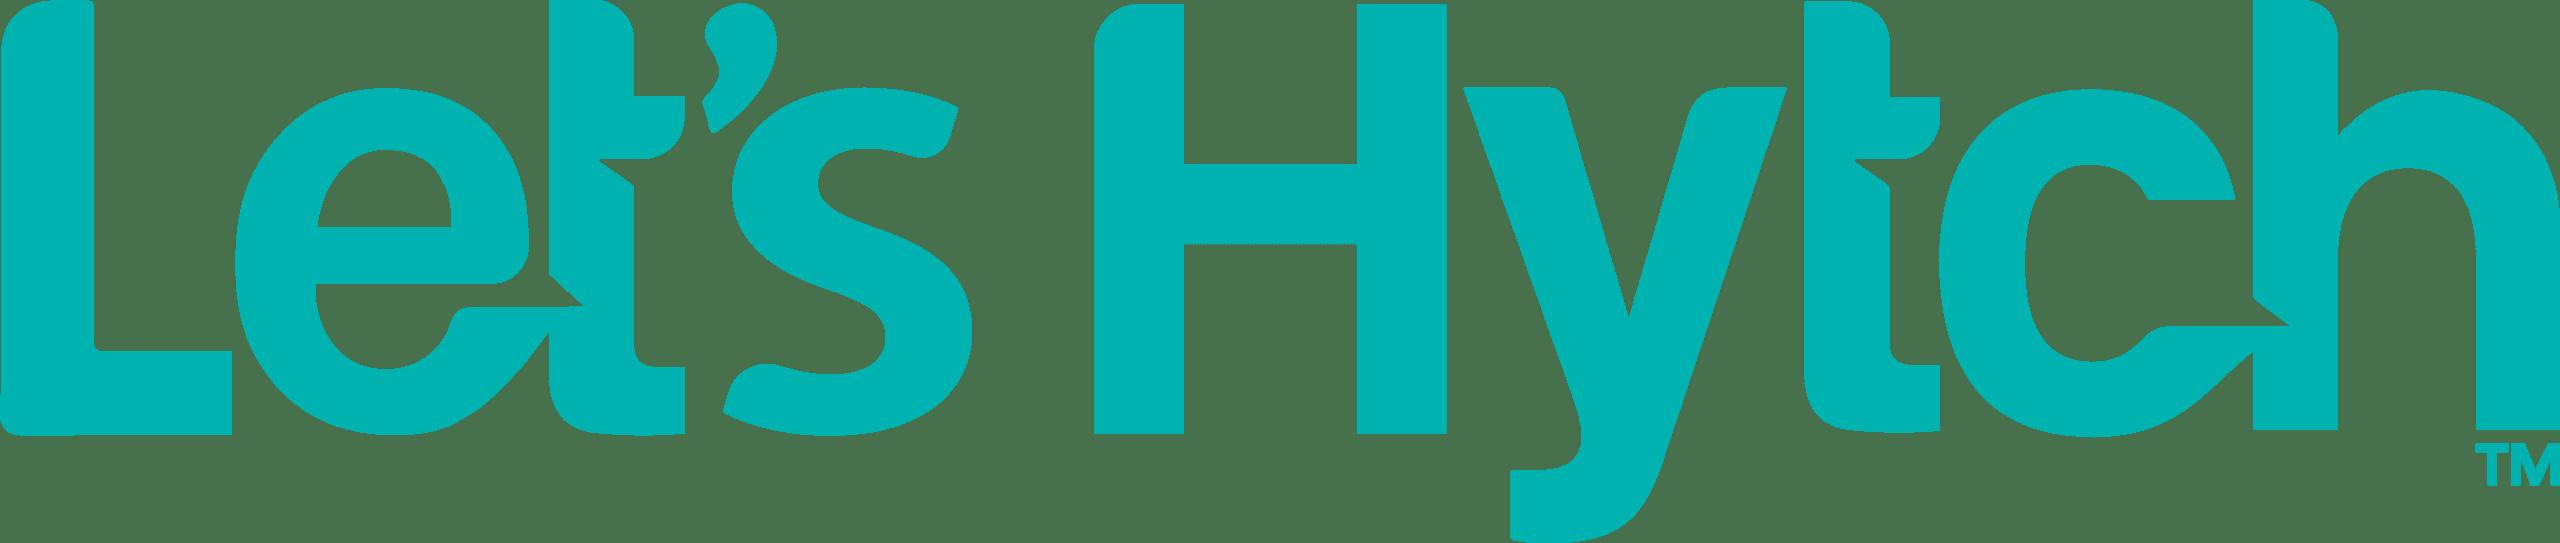 hytch-horz